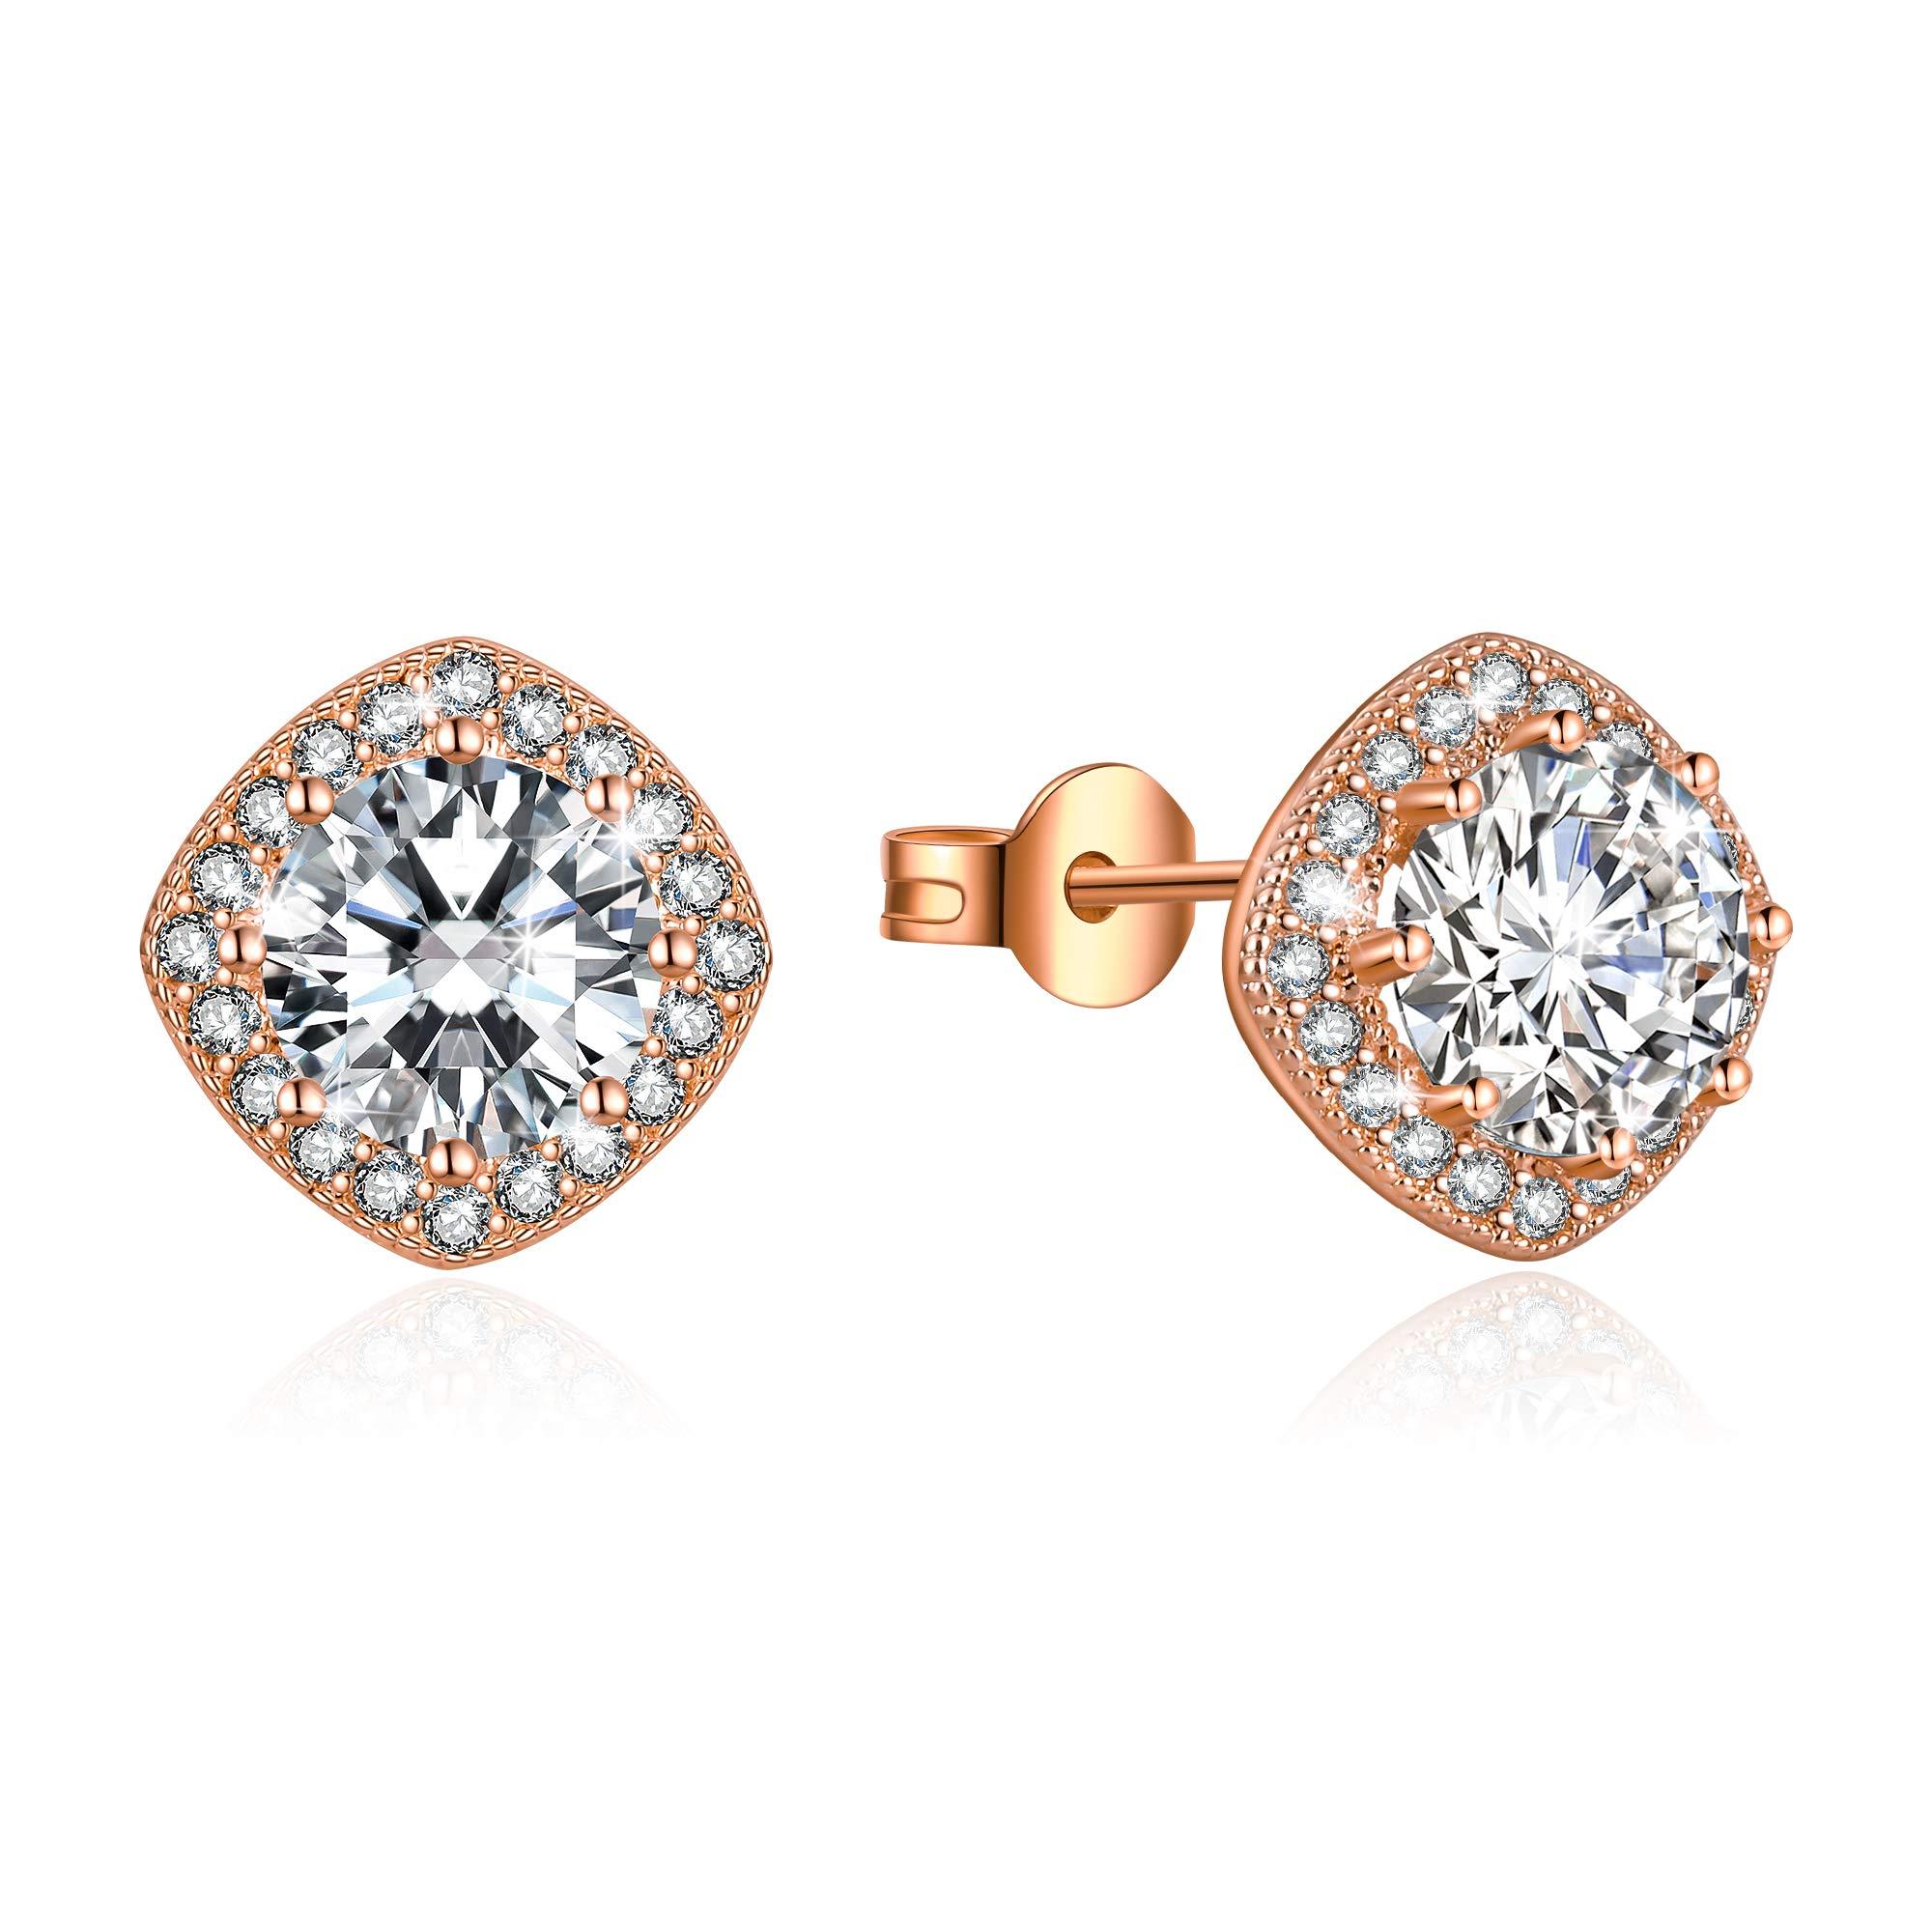 Stud Earrings for Women Fashion Jewelry Cubic Zirconia Halo Earrings for Women Men